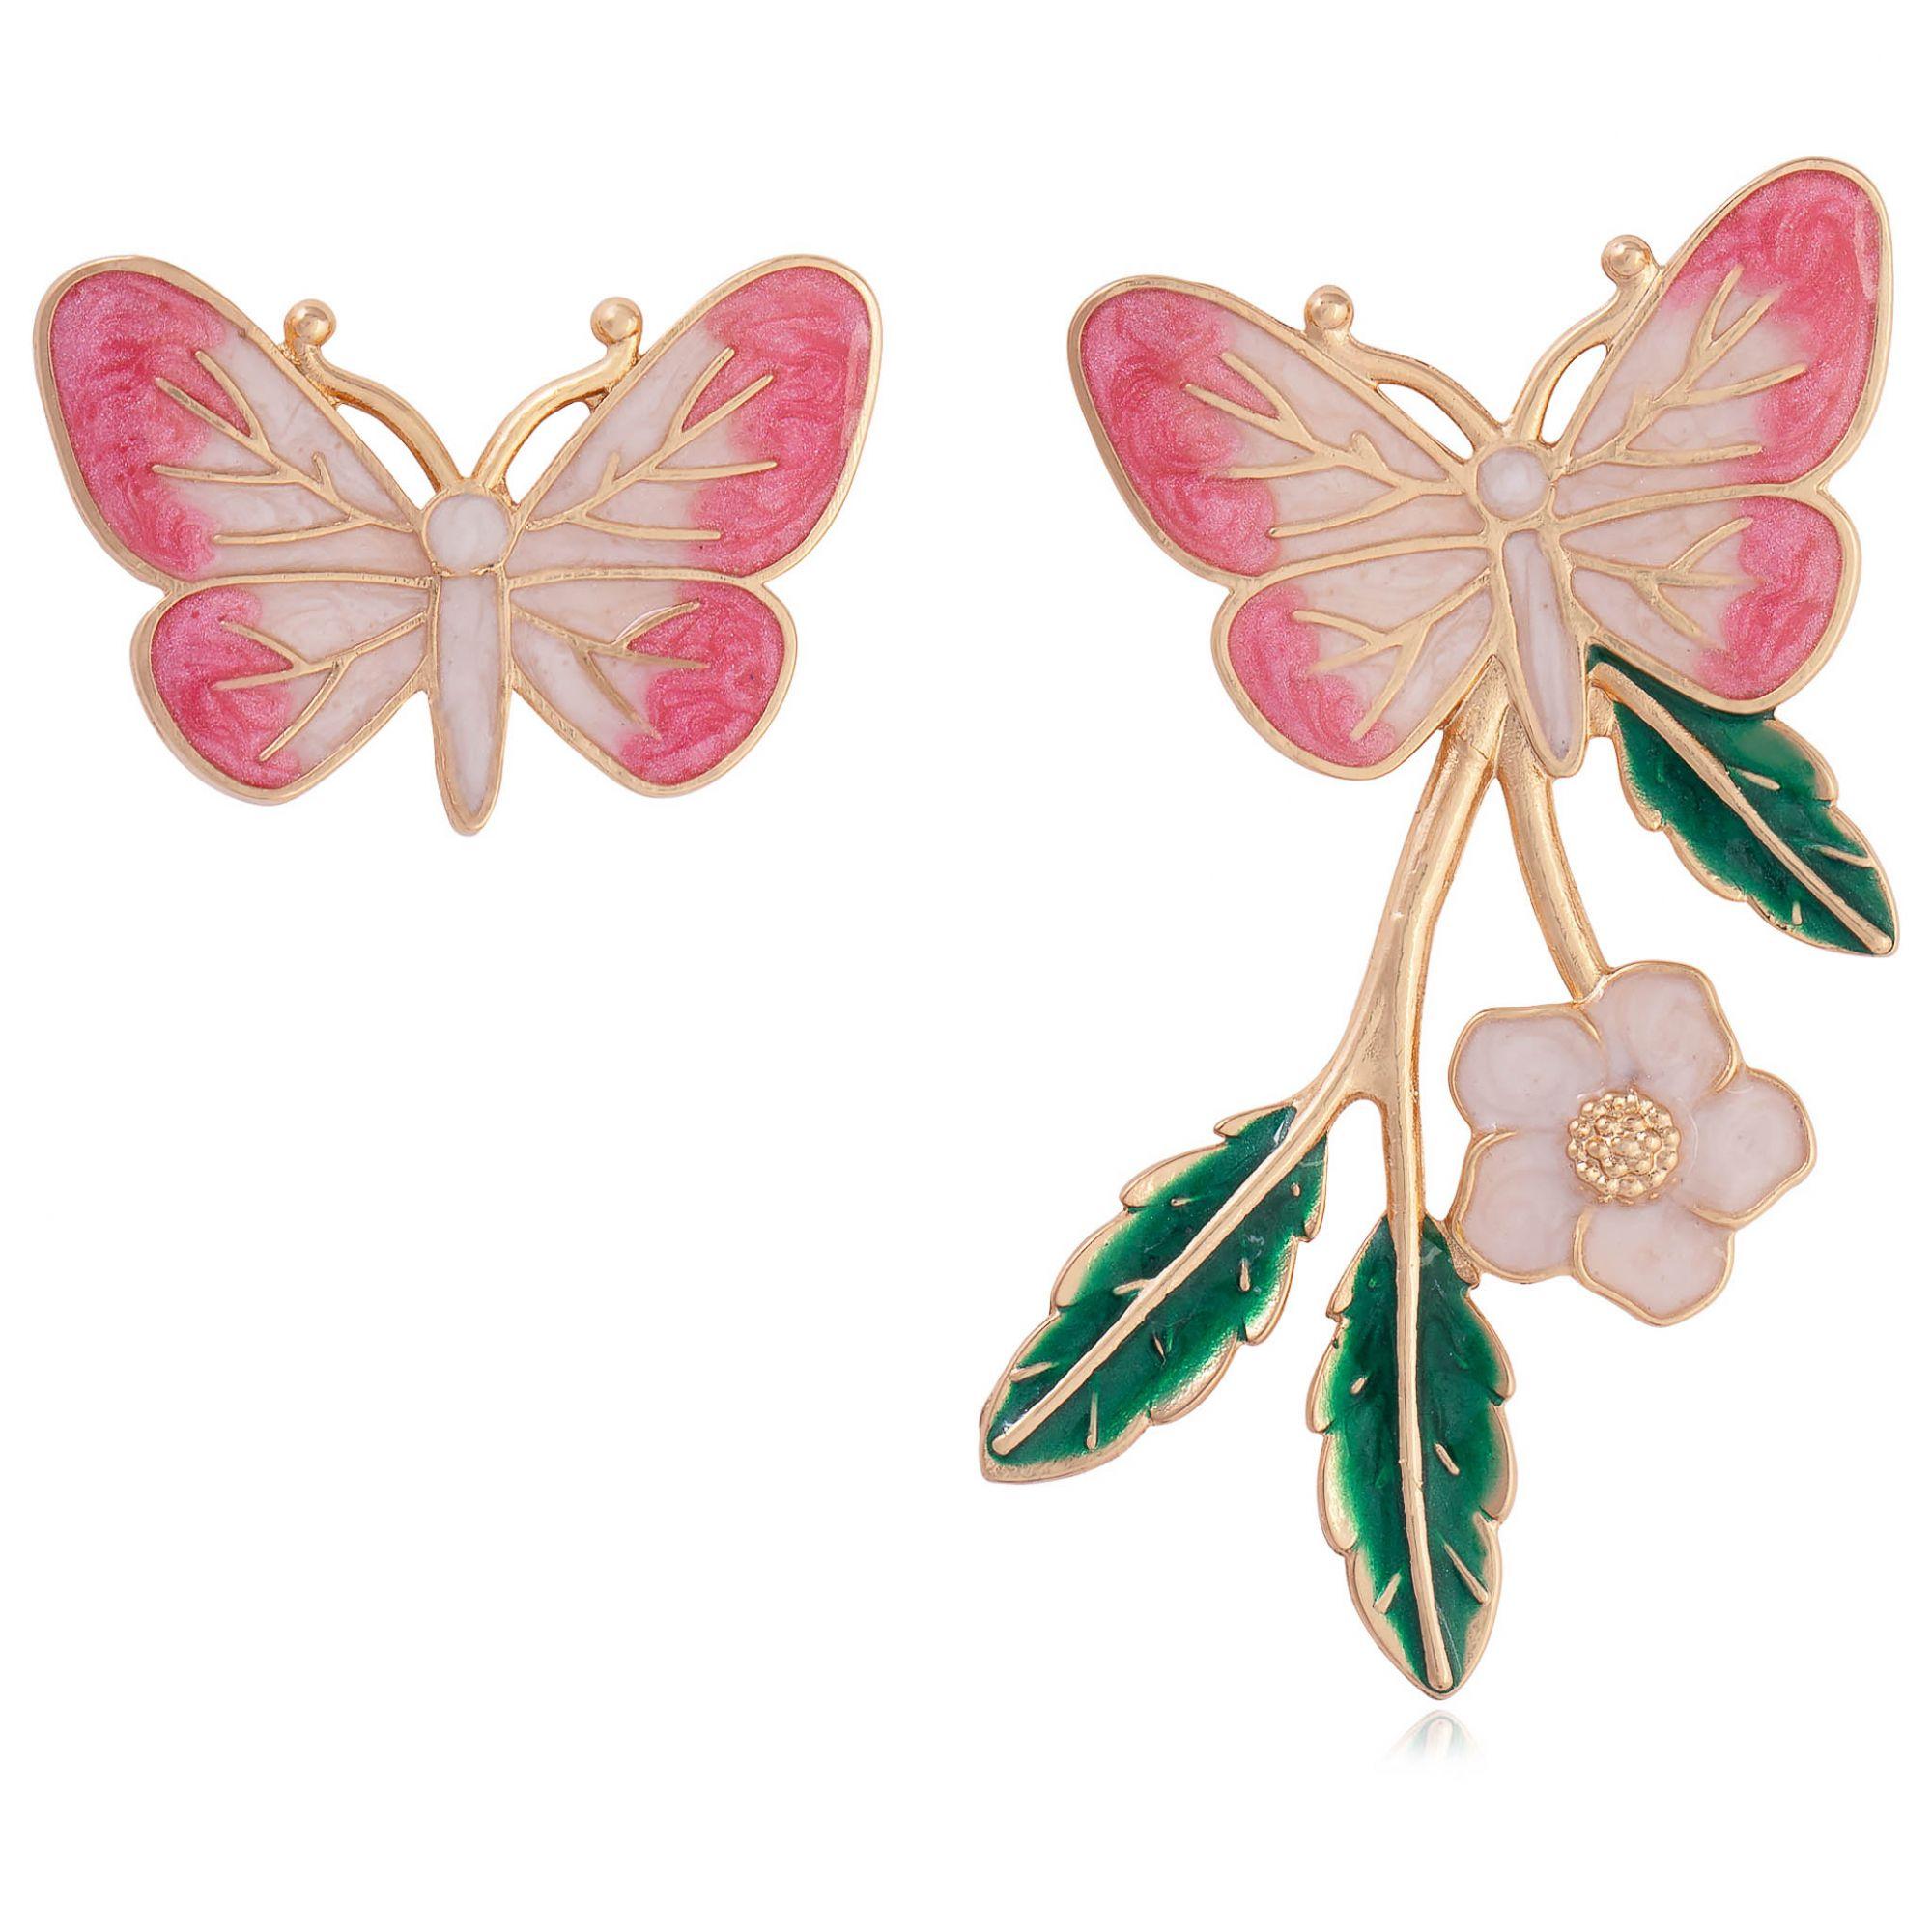 Brinco borboleta banhado a ouro 18k resinado em tons rosa.  - romabrazil.com.br